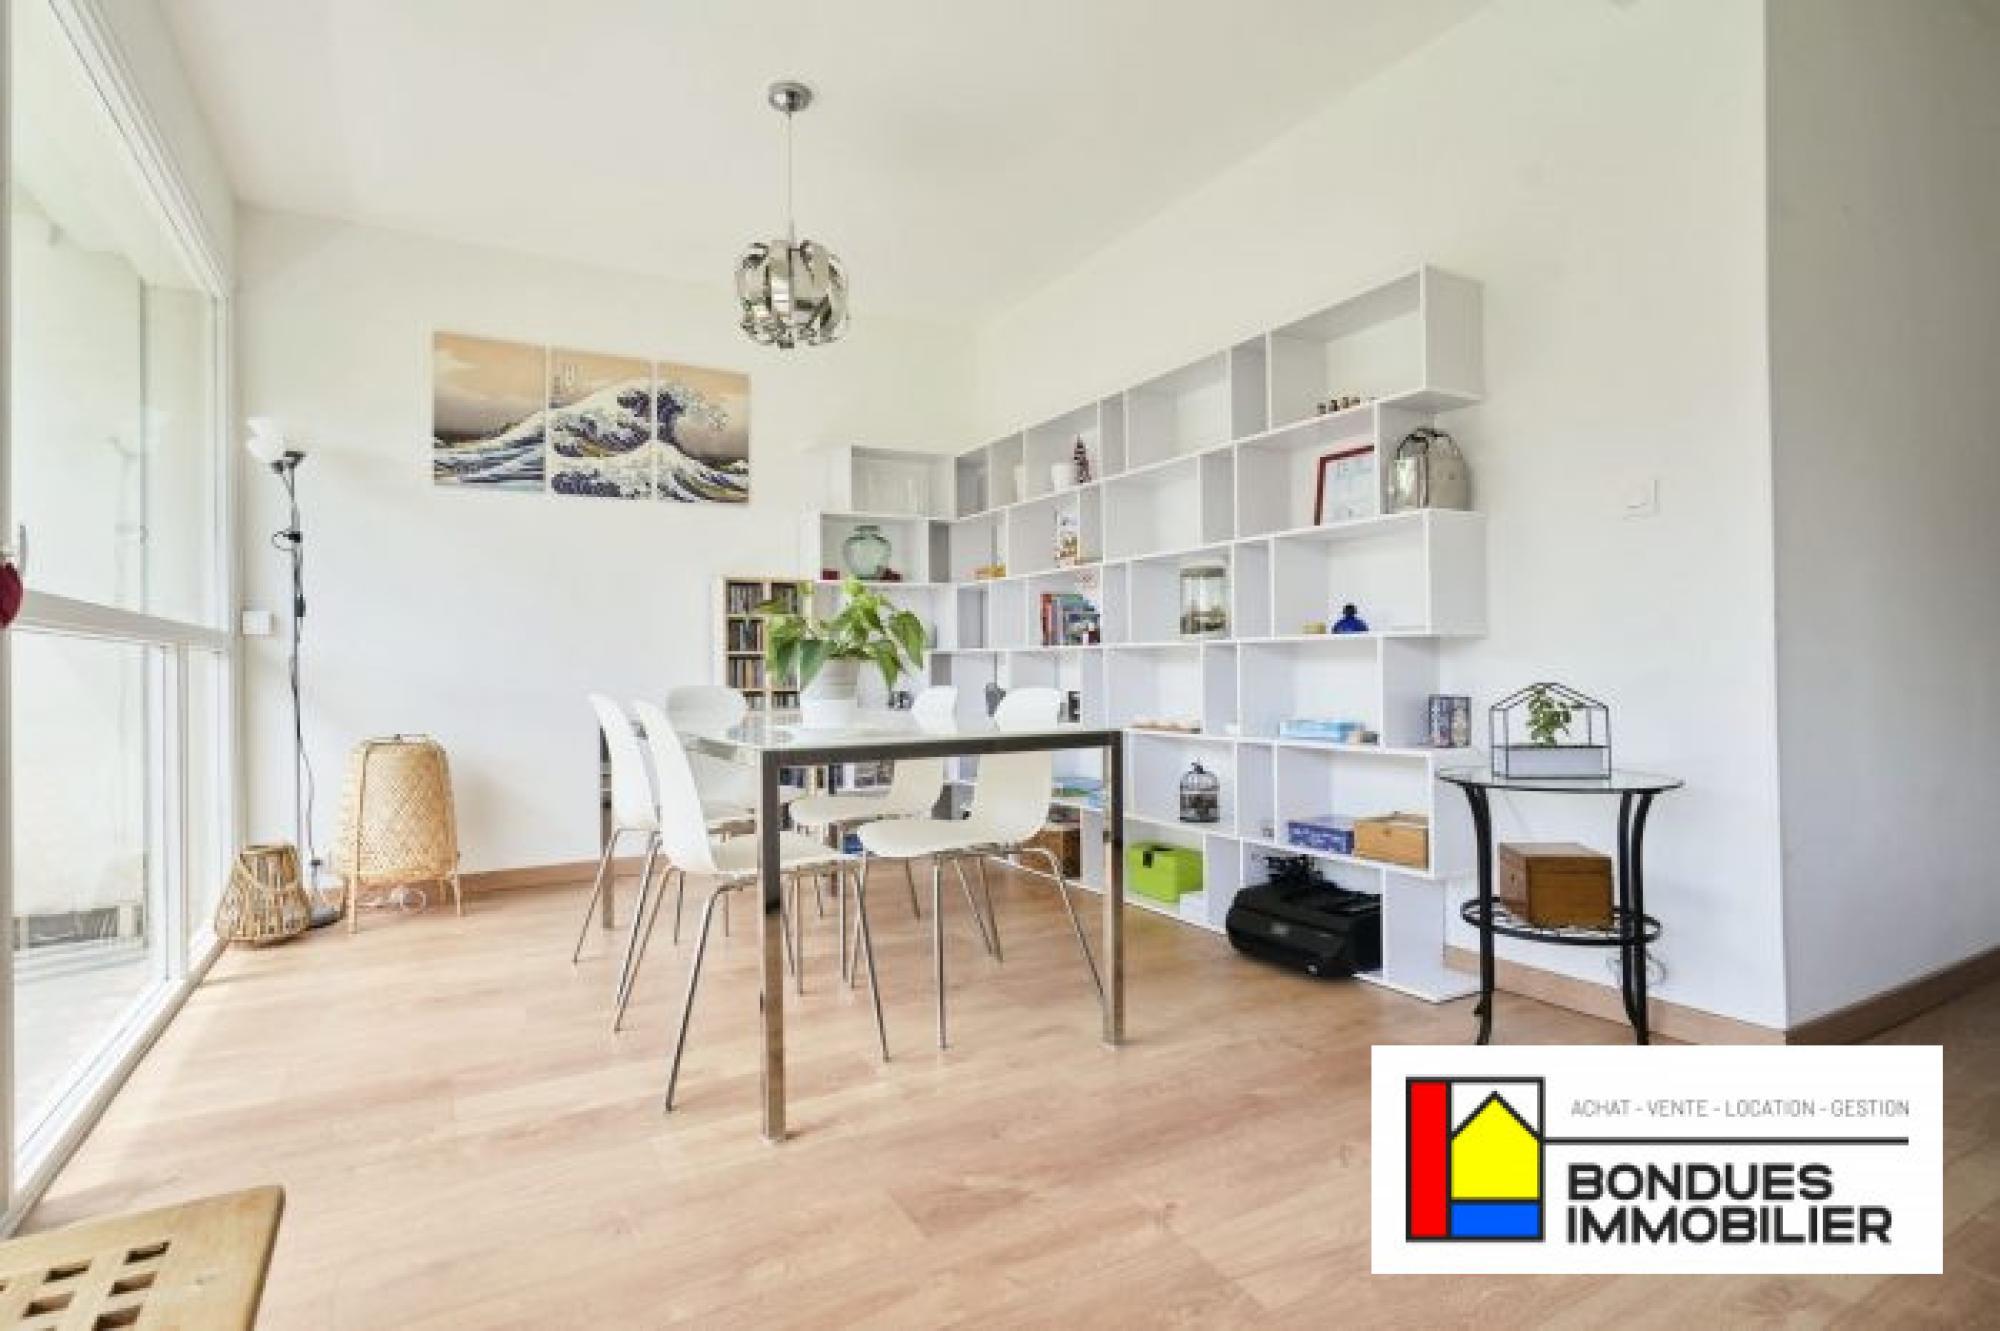 vente appartement marcq en barœul refVA2138 (7)